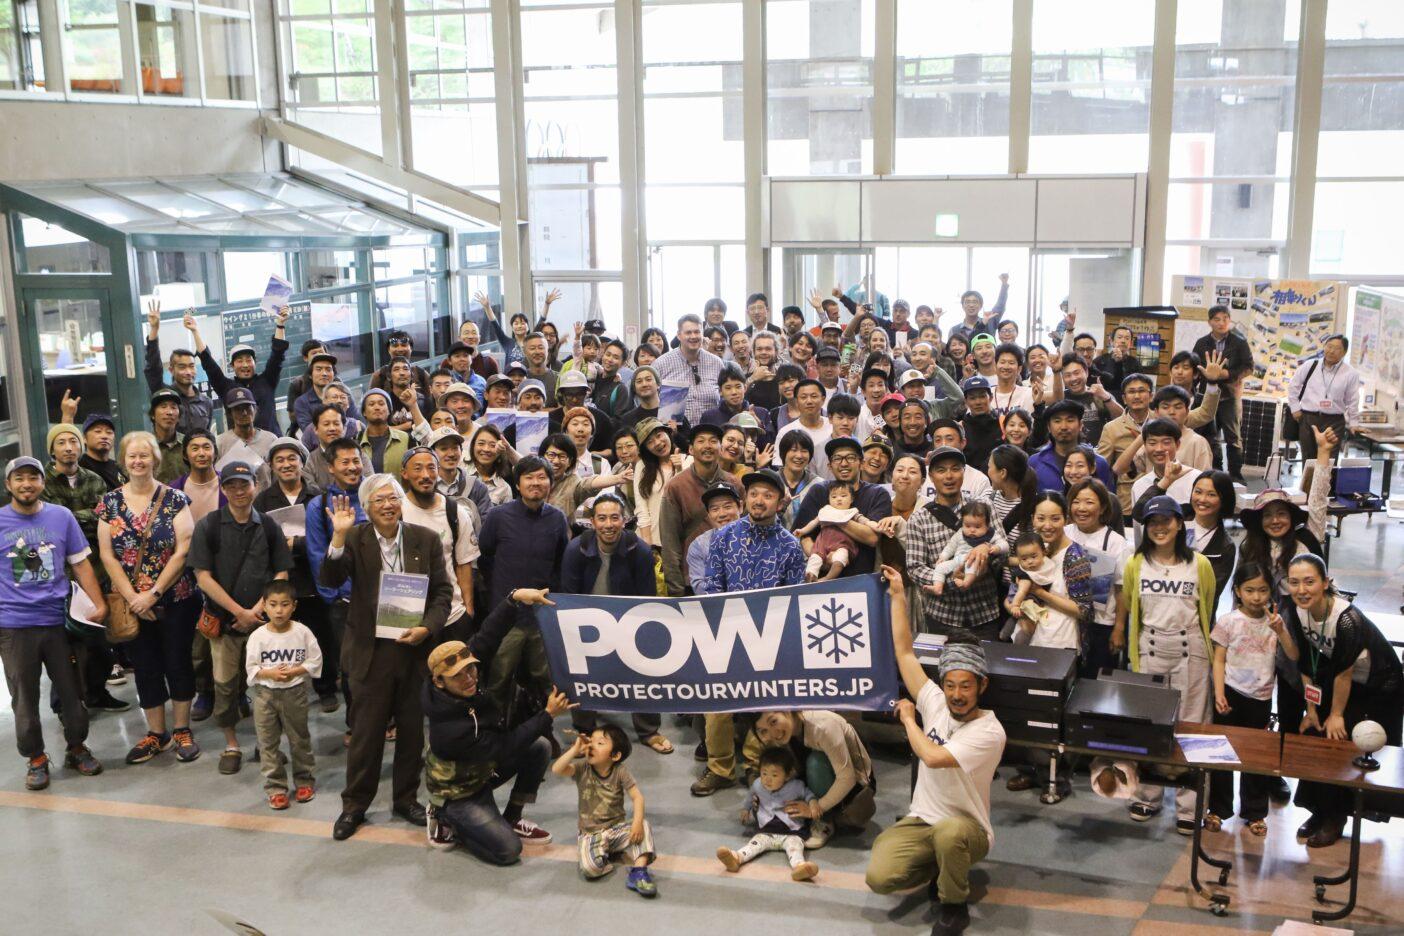 2019年5月、白馬村にて「気候変動&地域経済シンポジウム」を開催。スキーヤー、スノーボーダーを中心に約350名の参加者が集う。 写真提供:POW JAPAN